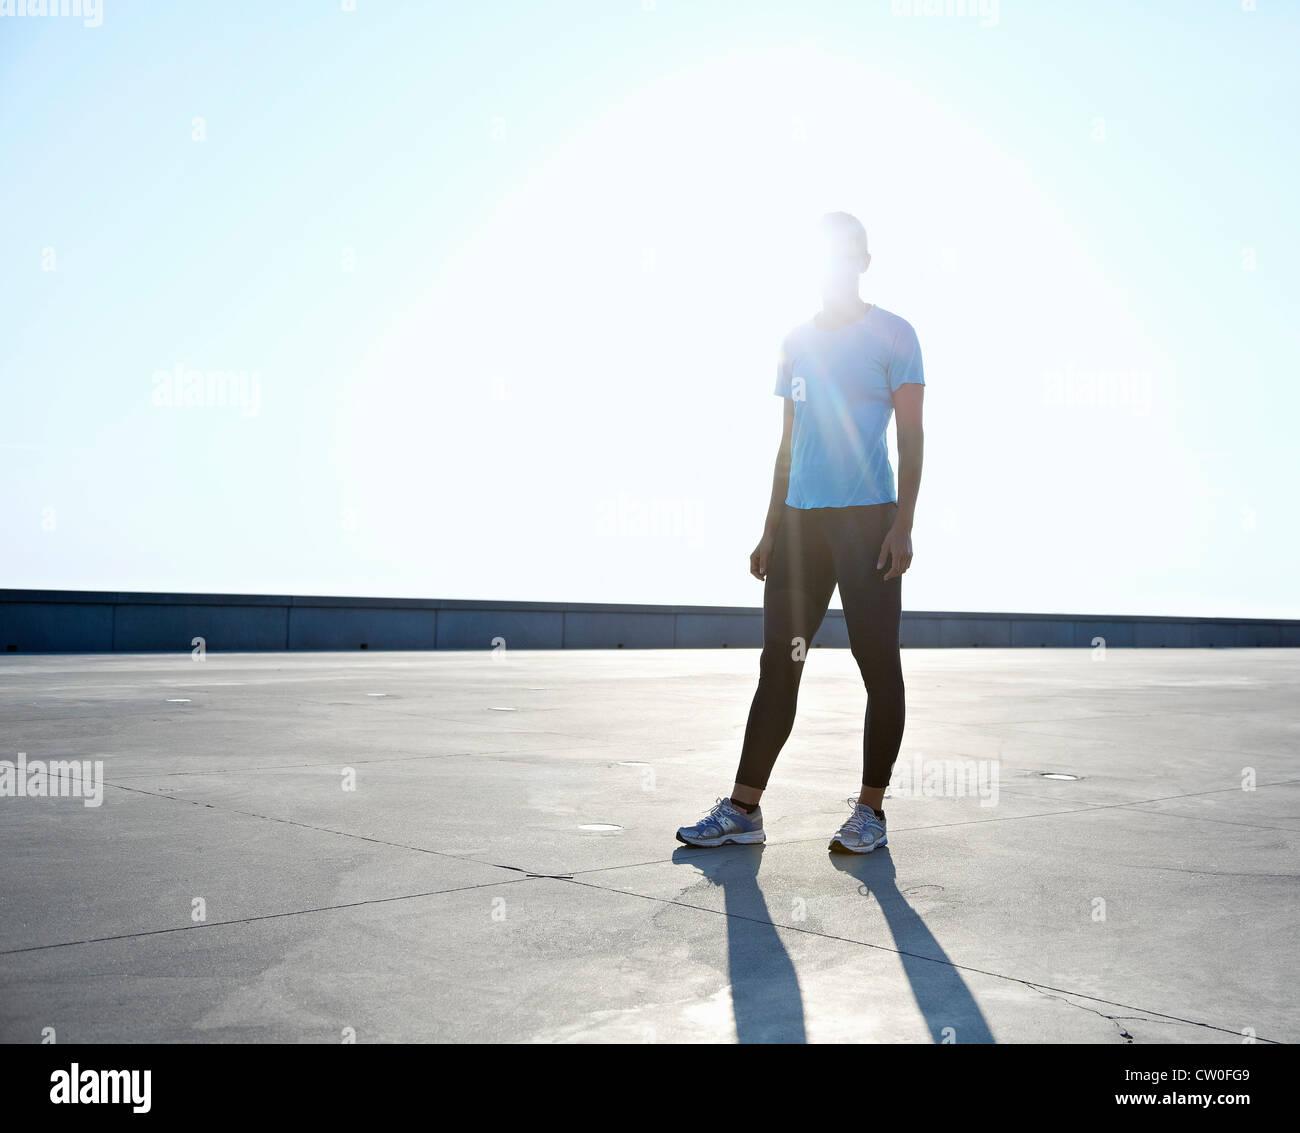 Läufer stehen auf Dach Stockbild